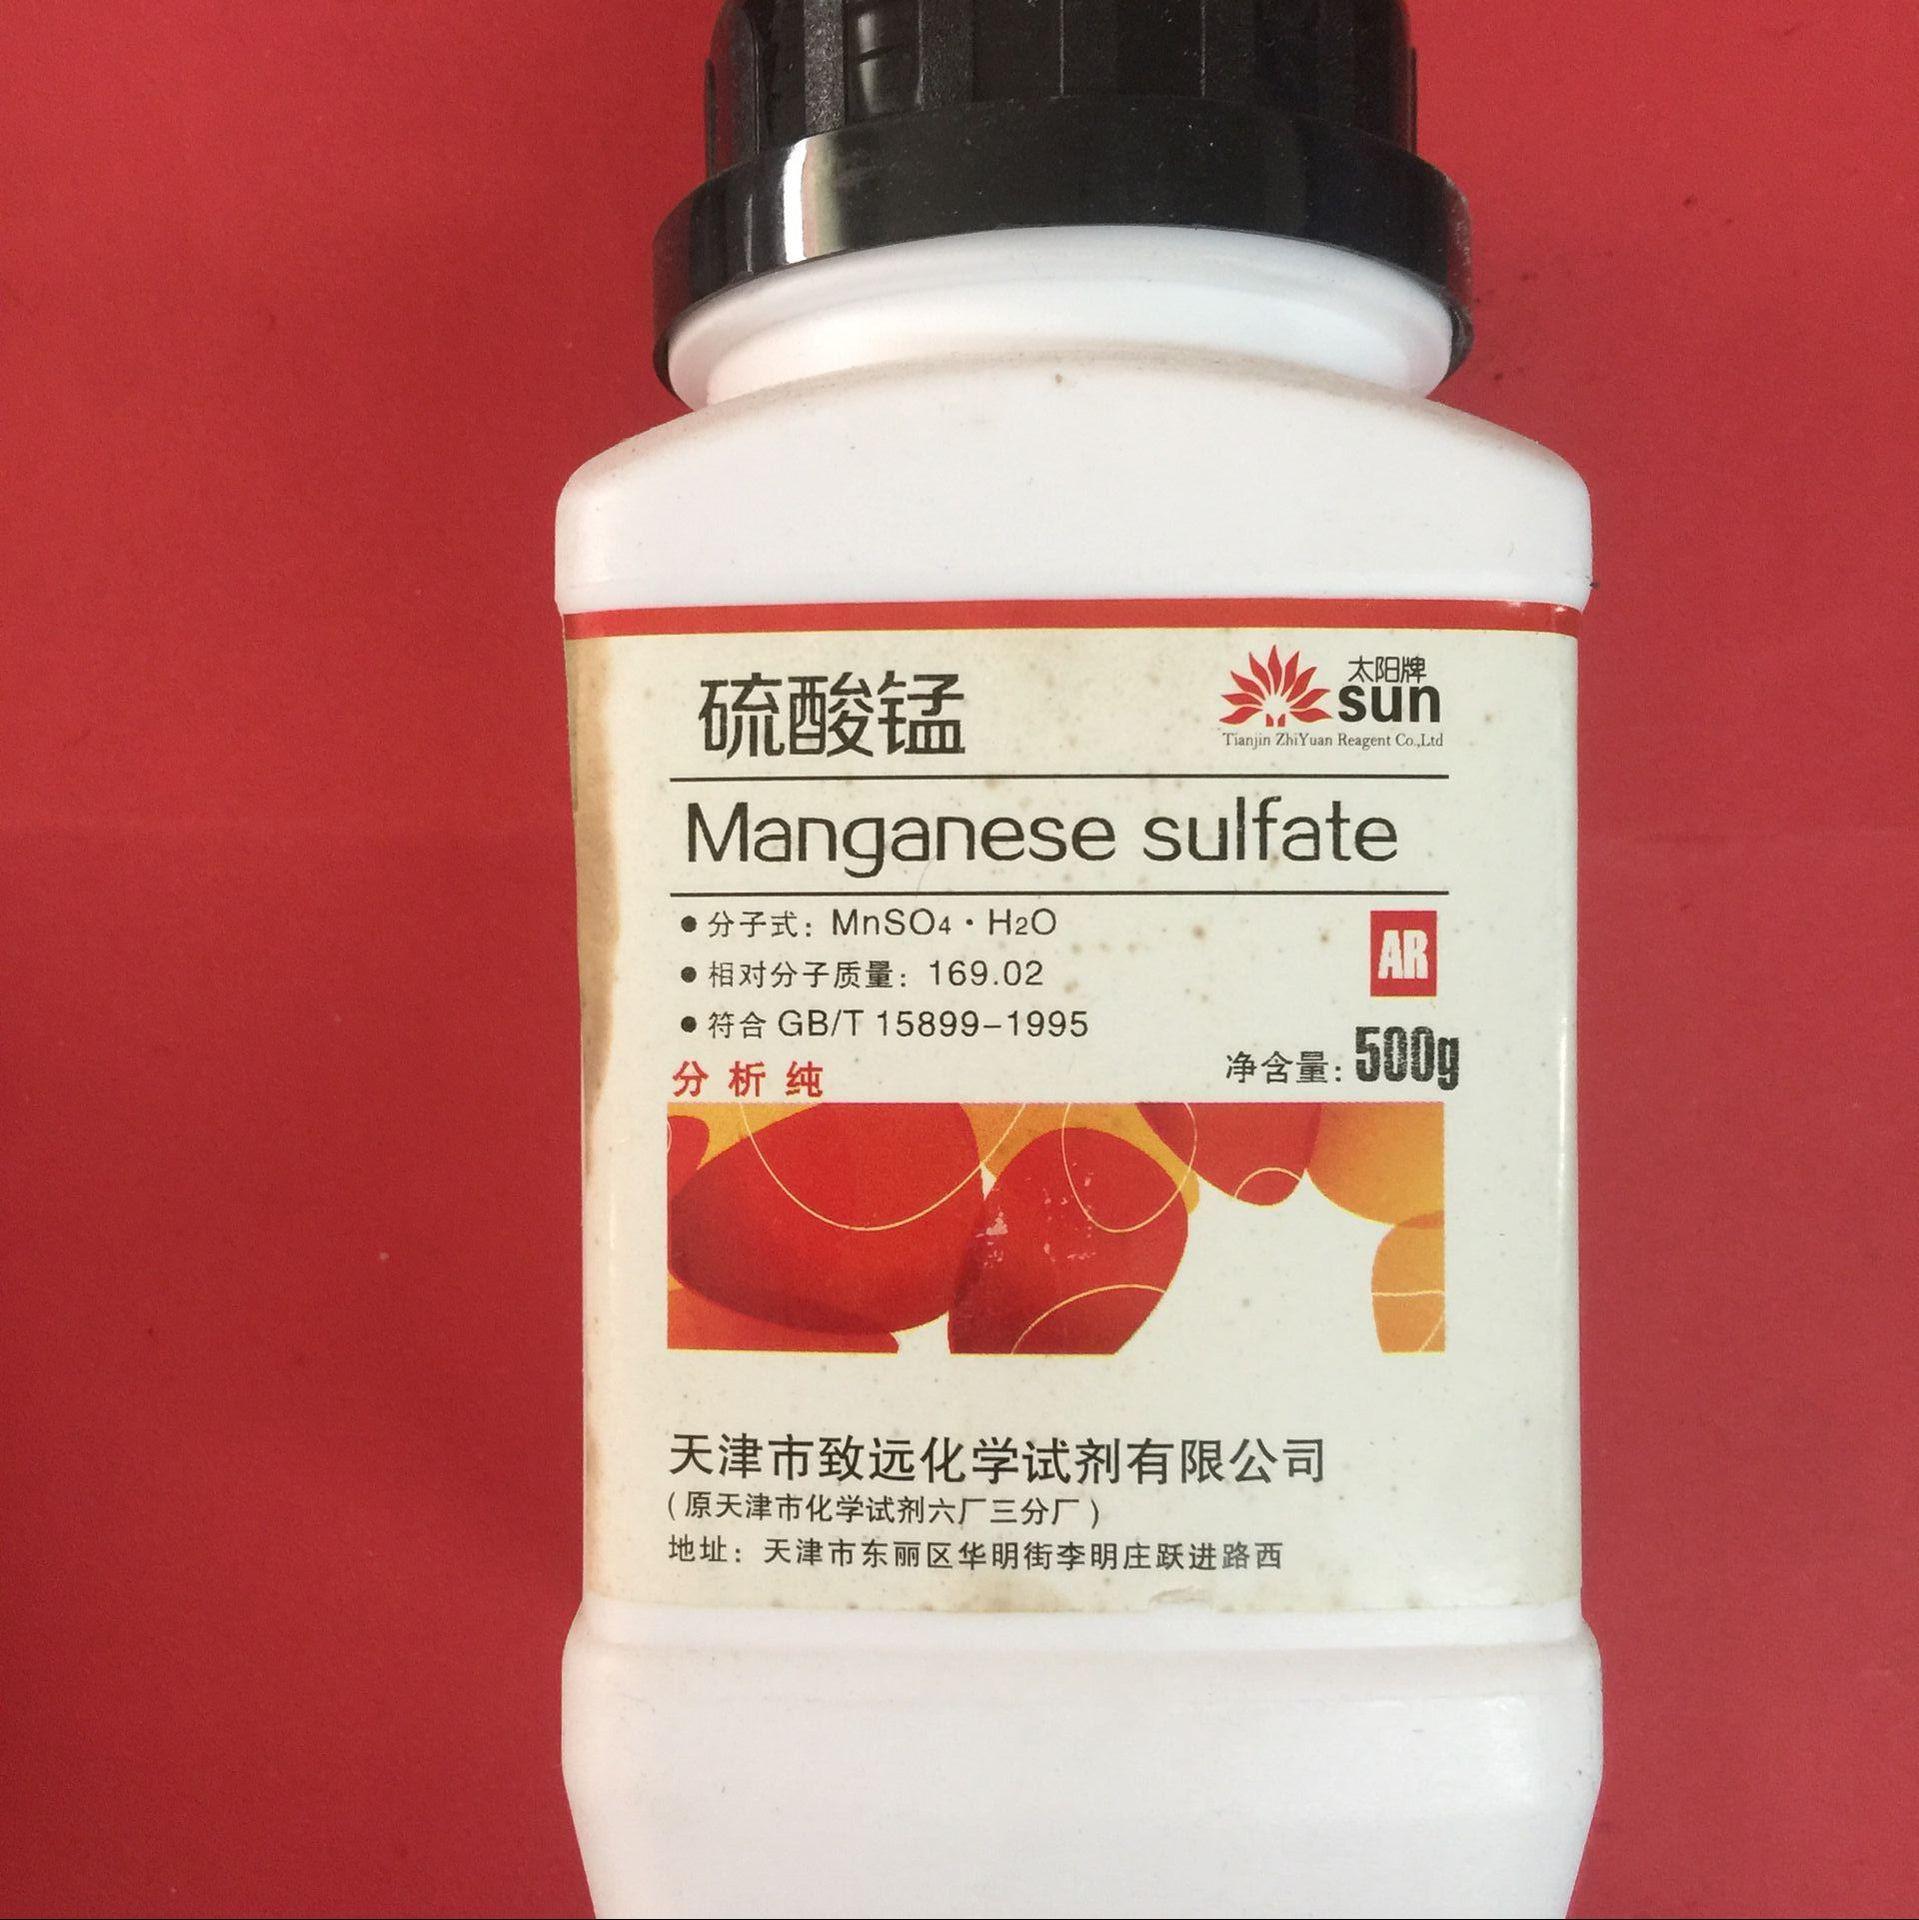 hóa chất thuốc thử phân tích độ tinh khiết mangan sunfat 500 g / chai 10034-96-5